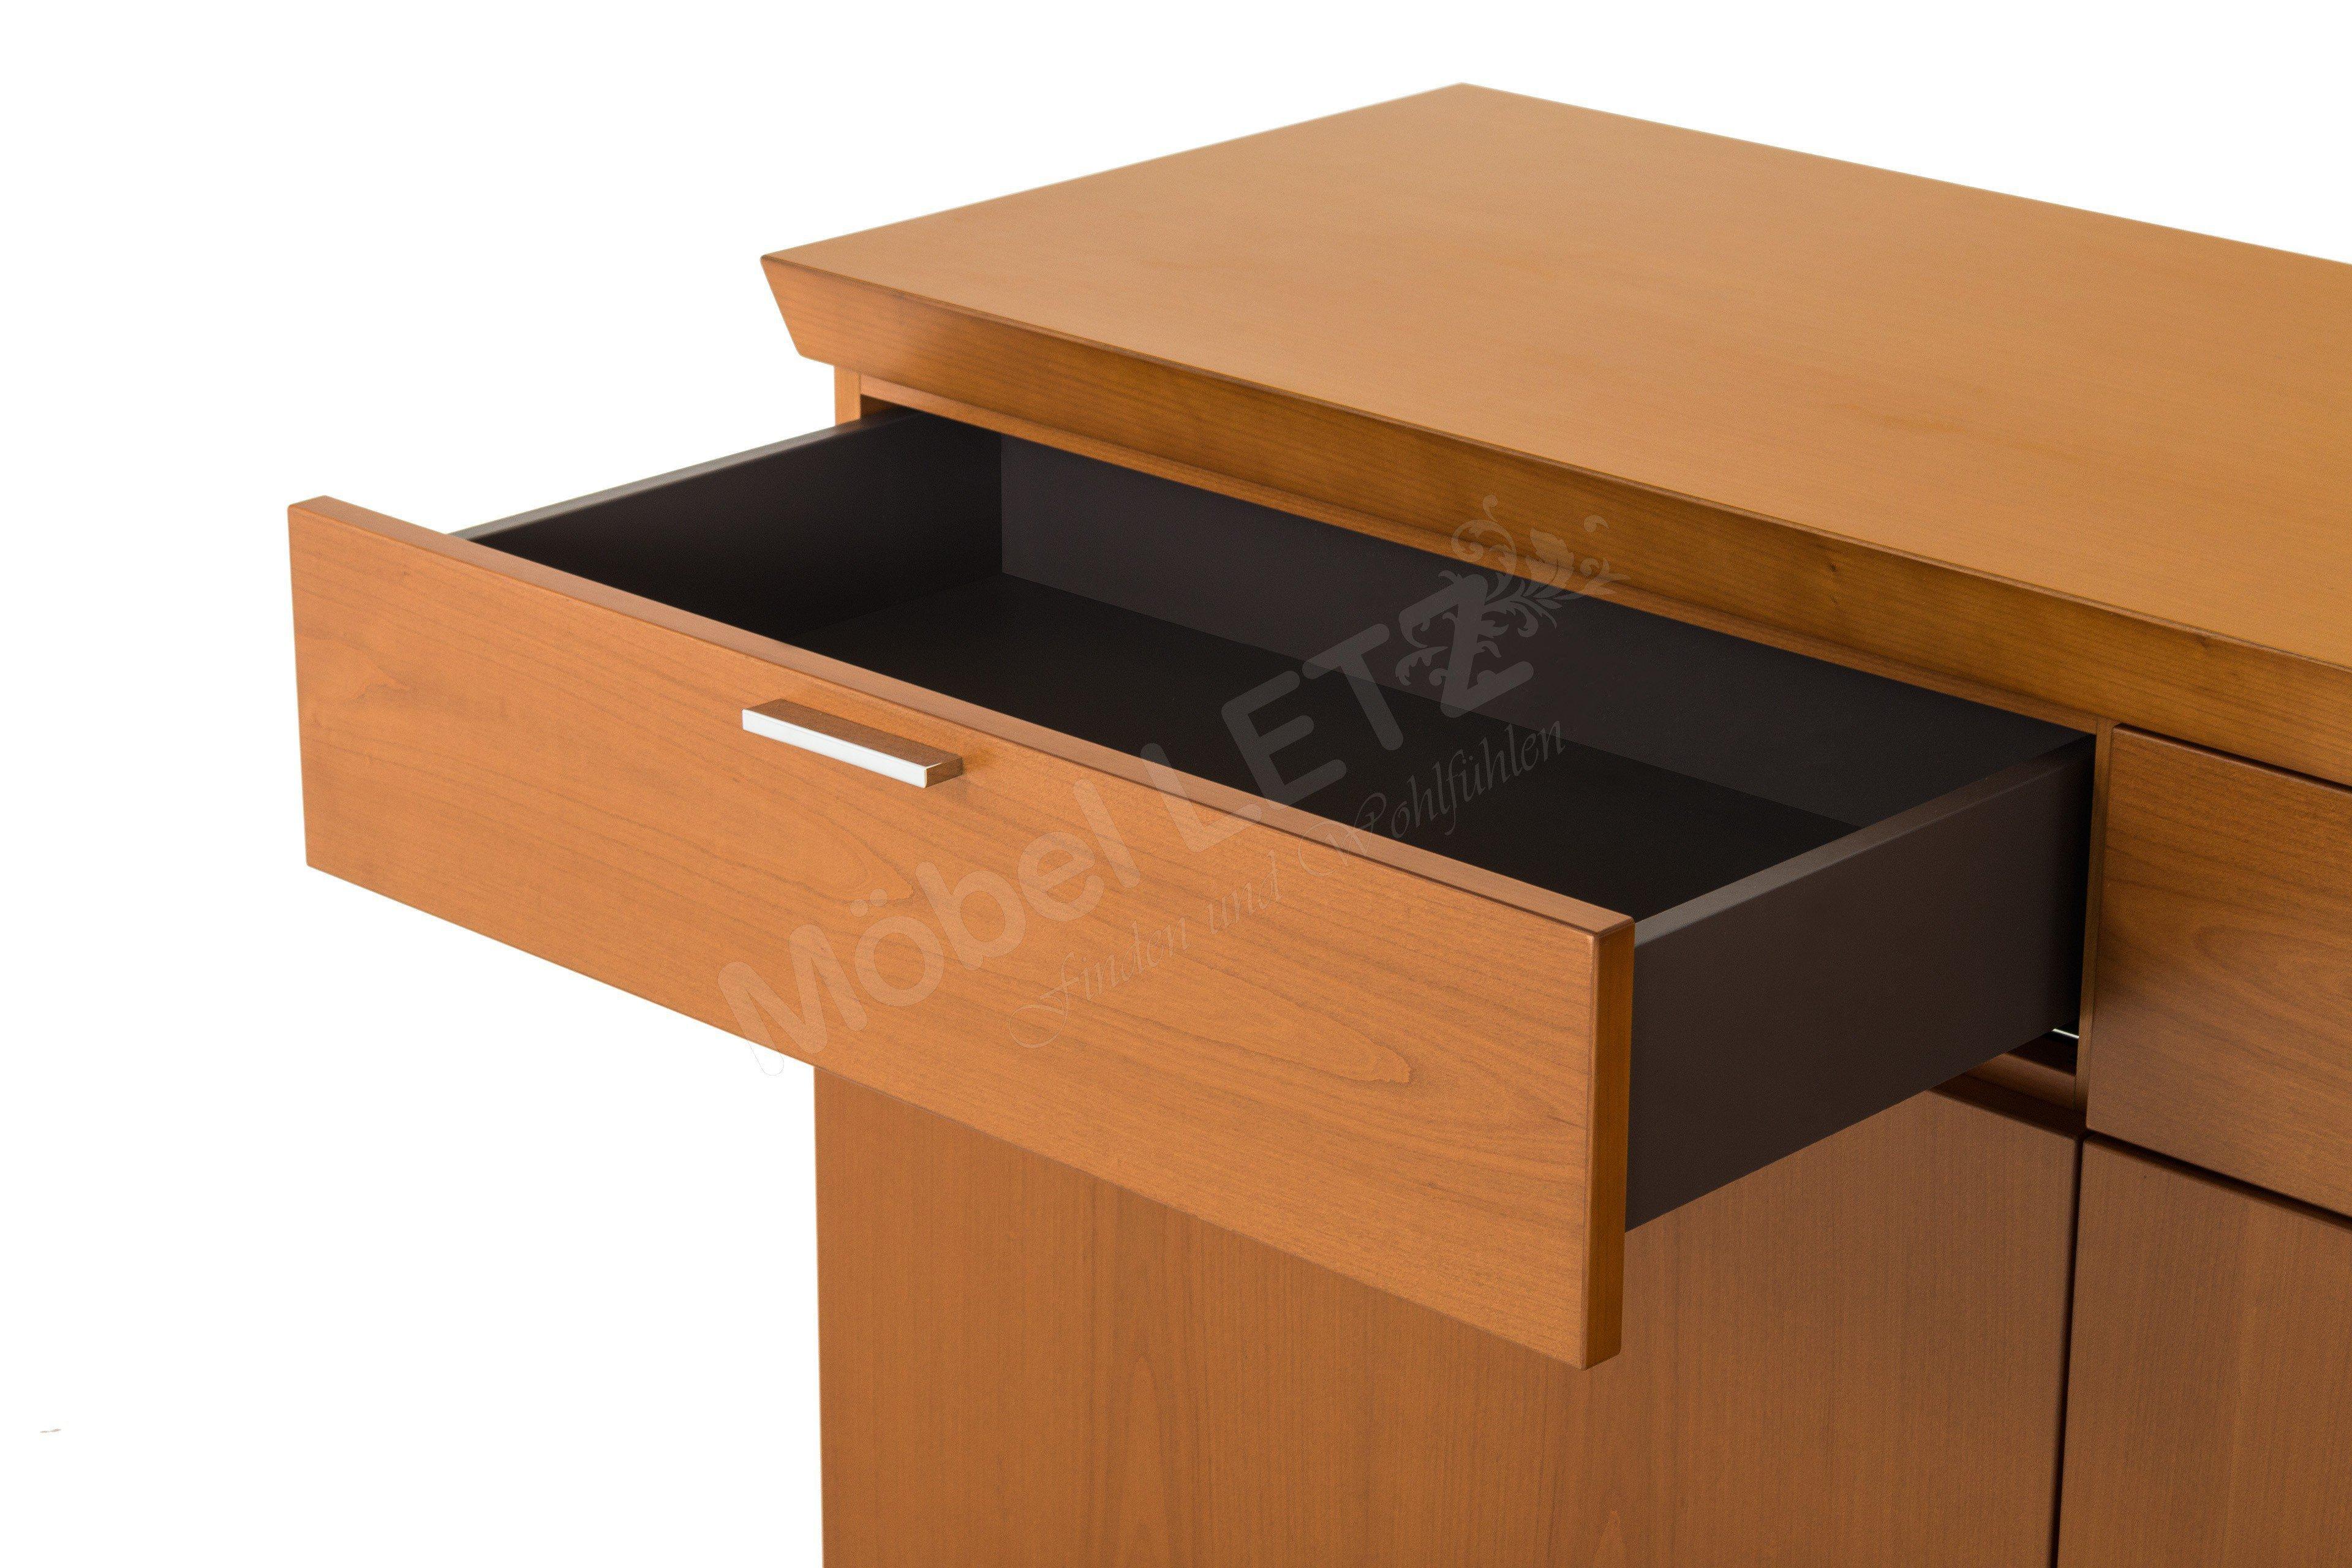 rietberger sideboard siena celesta kirschbaum m bel letz ihr online shop. Black Bedroom Furniture Sets. Home Design Ideas